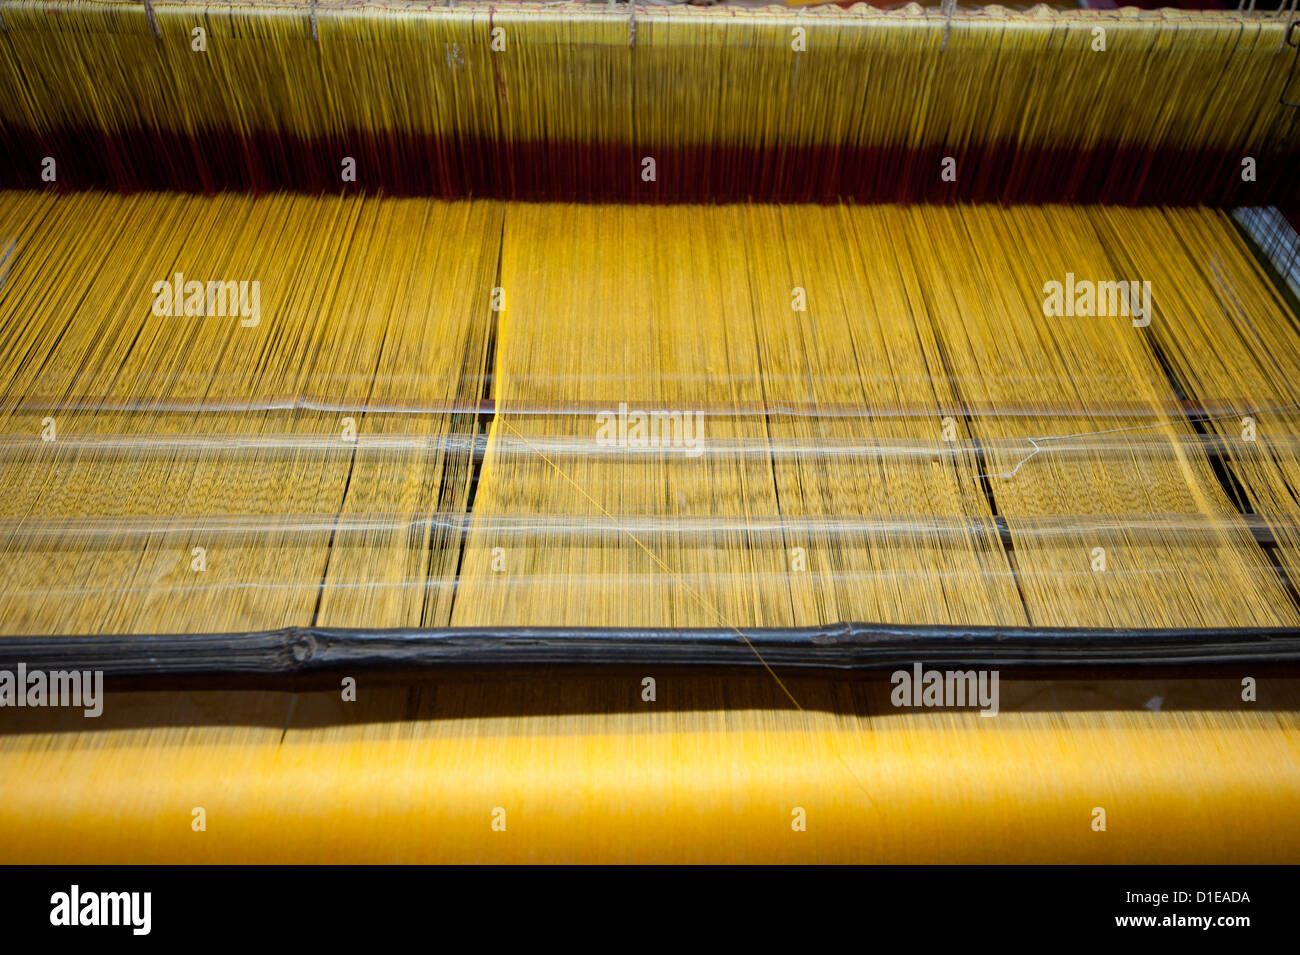 Giallo di seta tinti in corso di tessitura sul telaio di tessitura Naupatana villaggio rurale, Orissa, India, Asia Immagini Stock